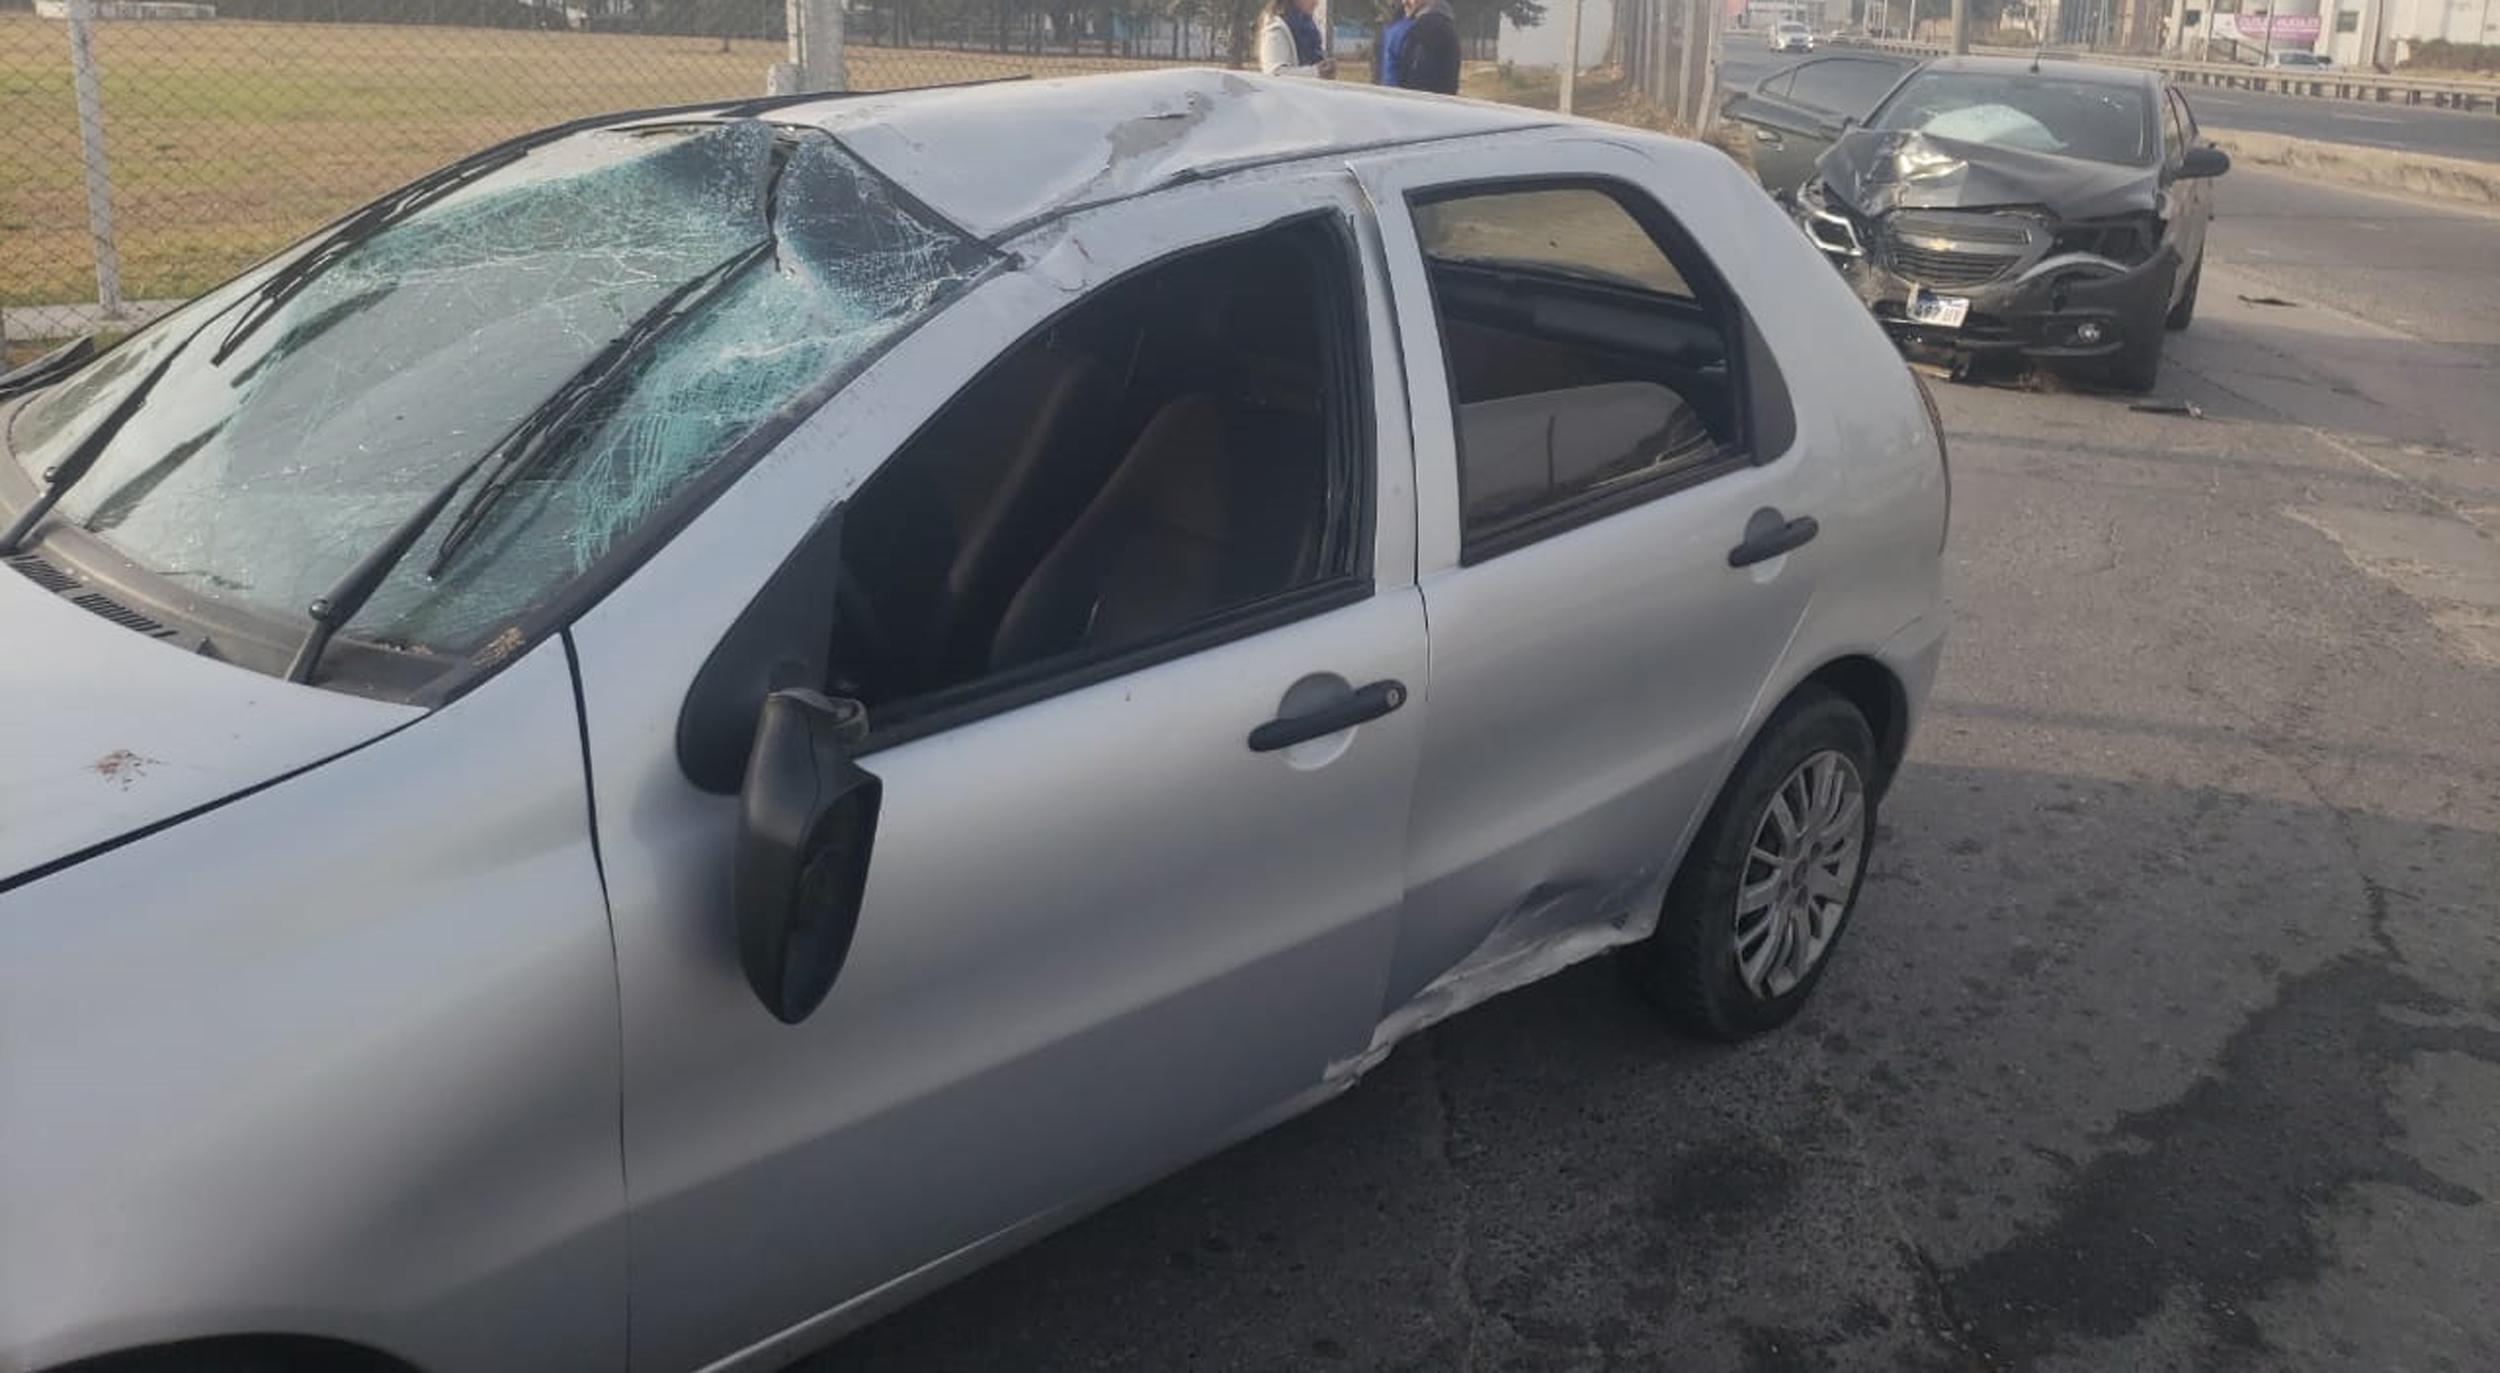 Madrugada de choques en Córdoba: dos postes derribados y una verja destruida